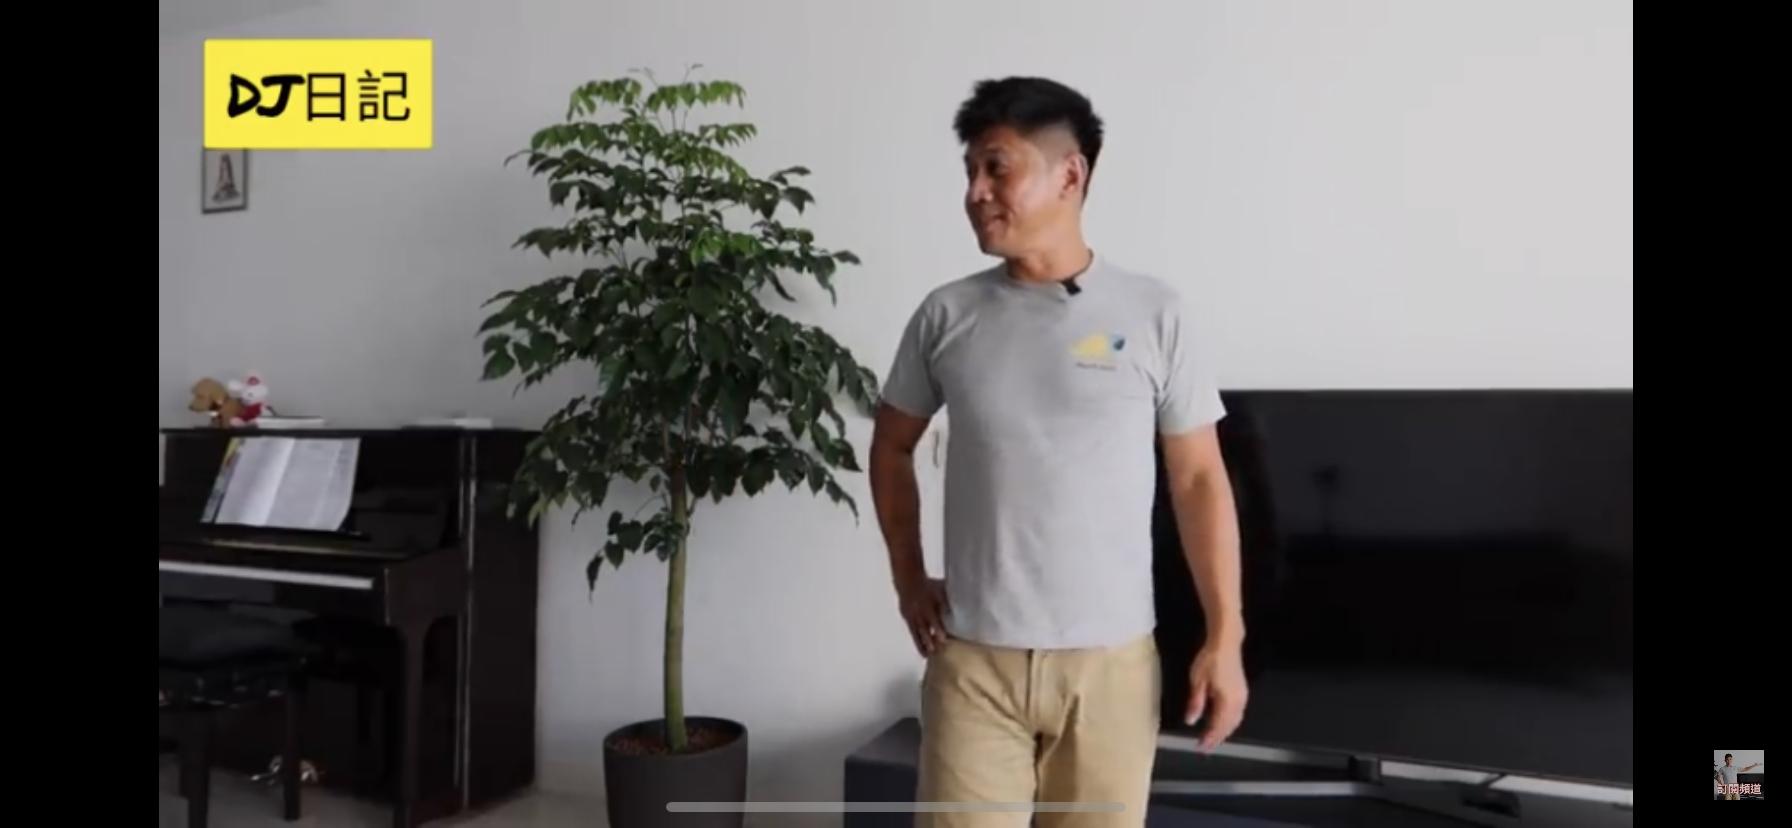 Johnny在吉隆坡的新家,大廳有足夠空間擺放鋼琴及種樹。(片段截圖)